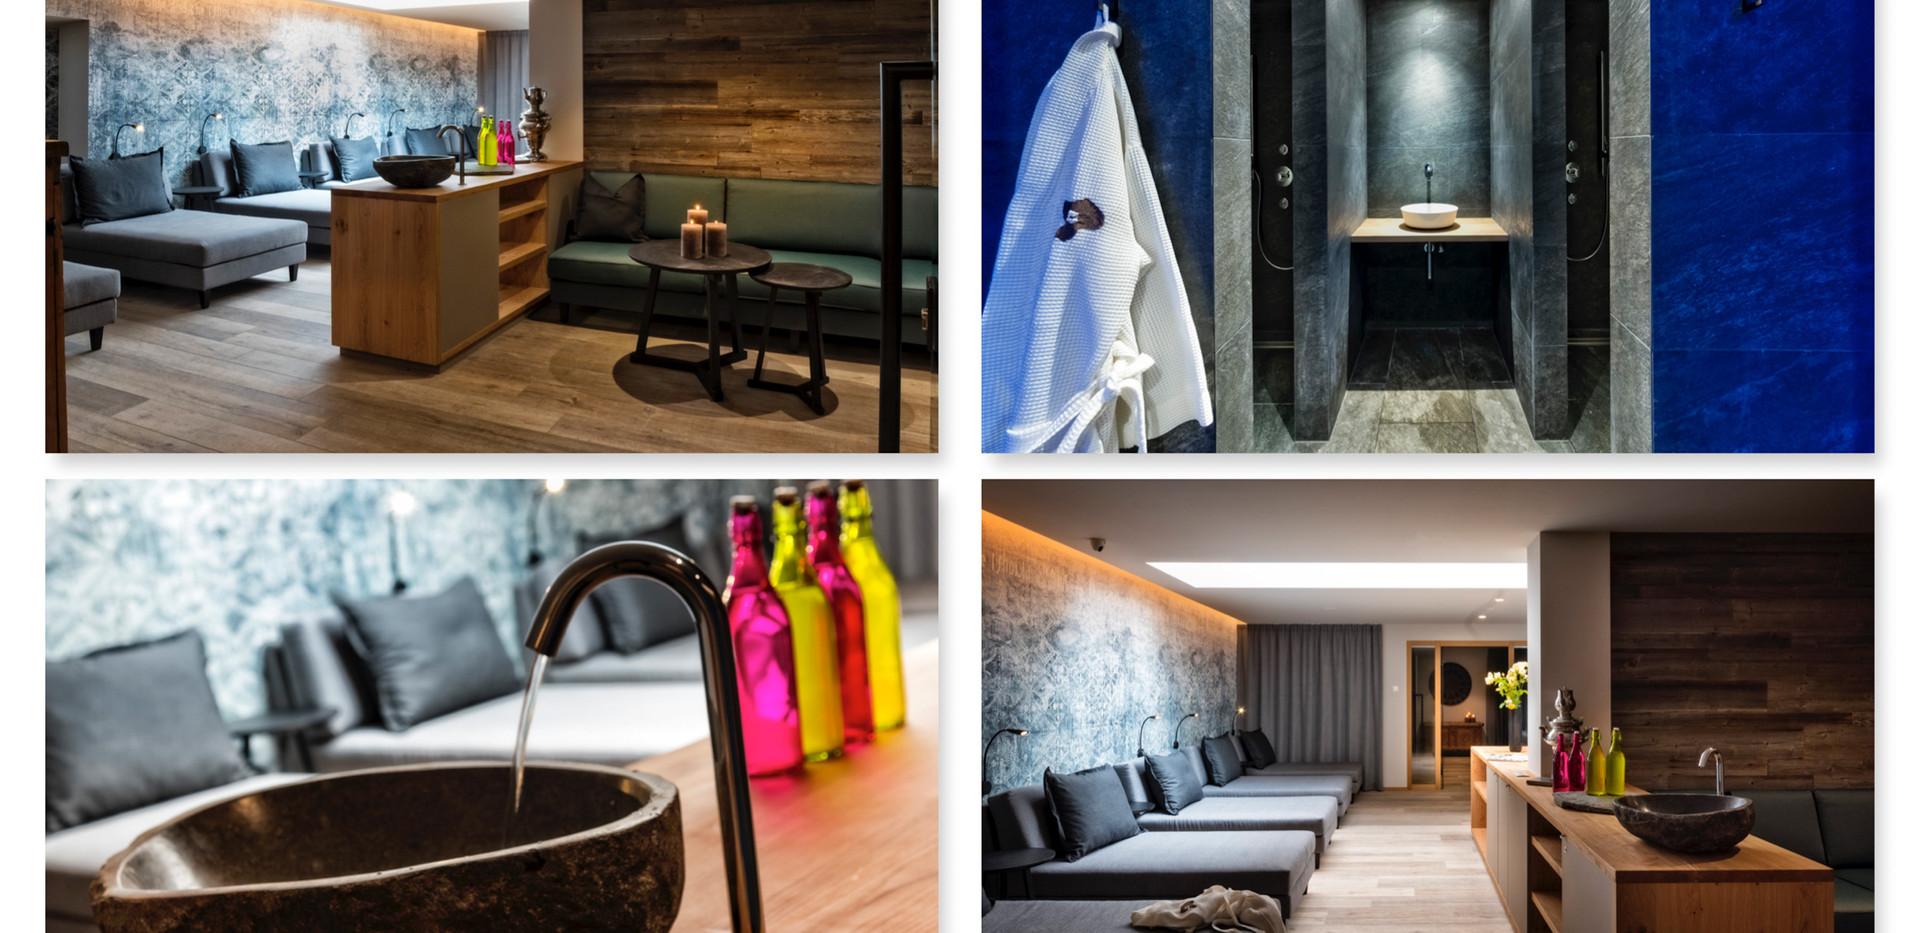 """Aufnahmeserie Wellnessbereich Hotel """"Andreas Hofer"""" in Bruneck"""